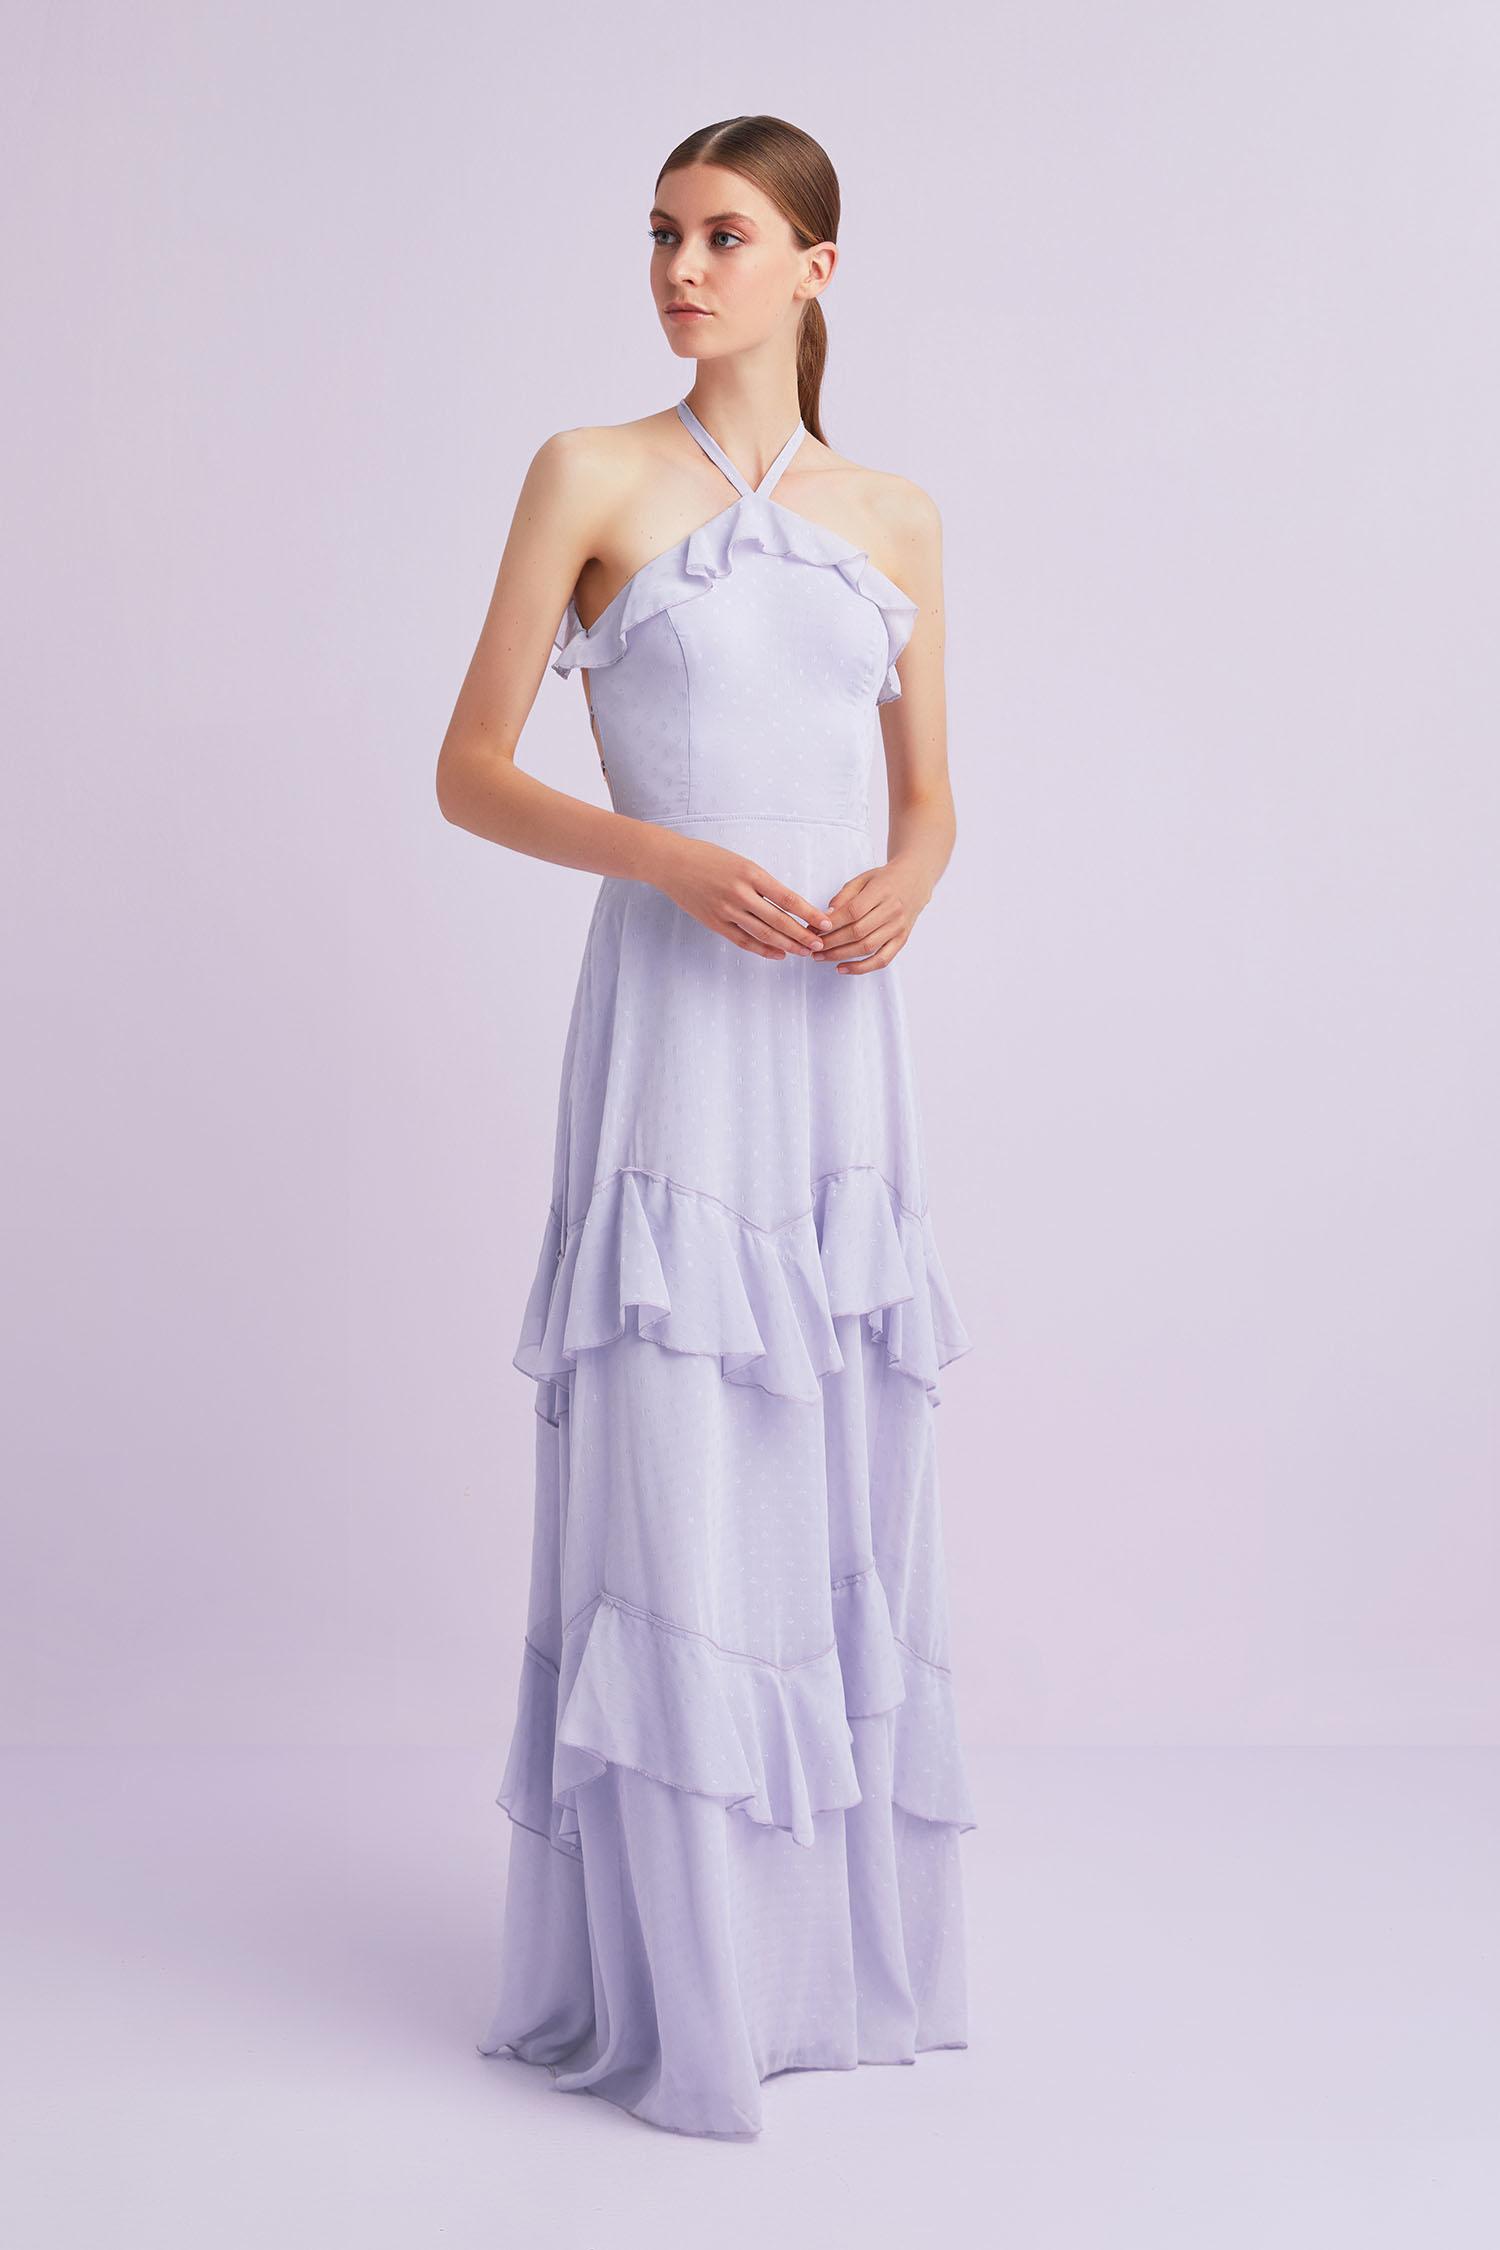 Lila Boyundan Bağlı Şifon Uzun Elbise - Thumbnail